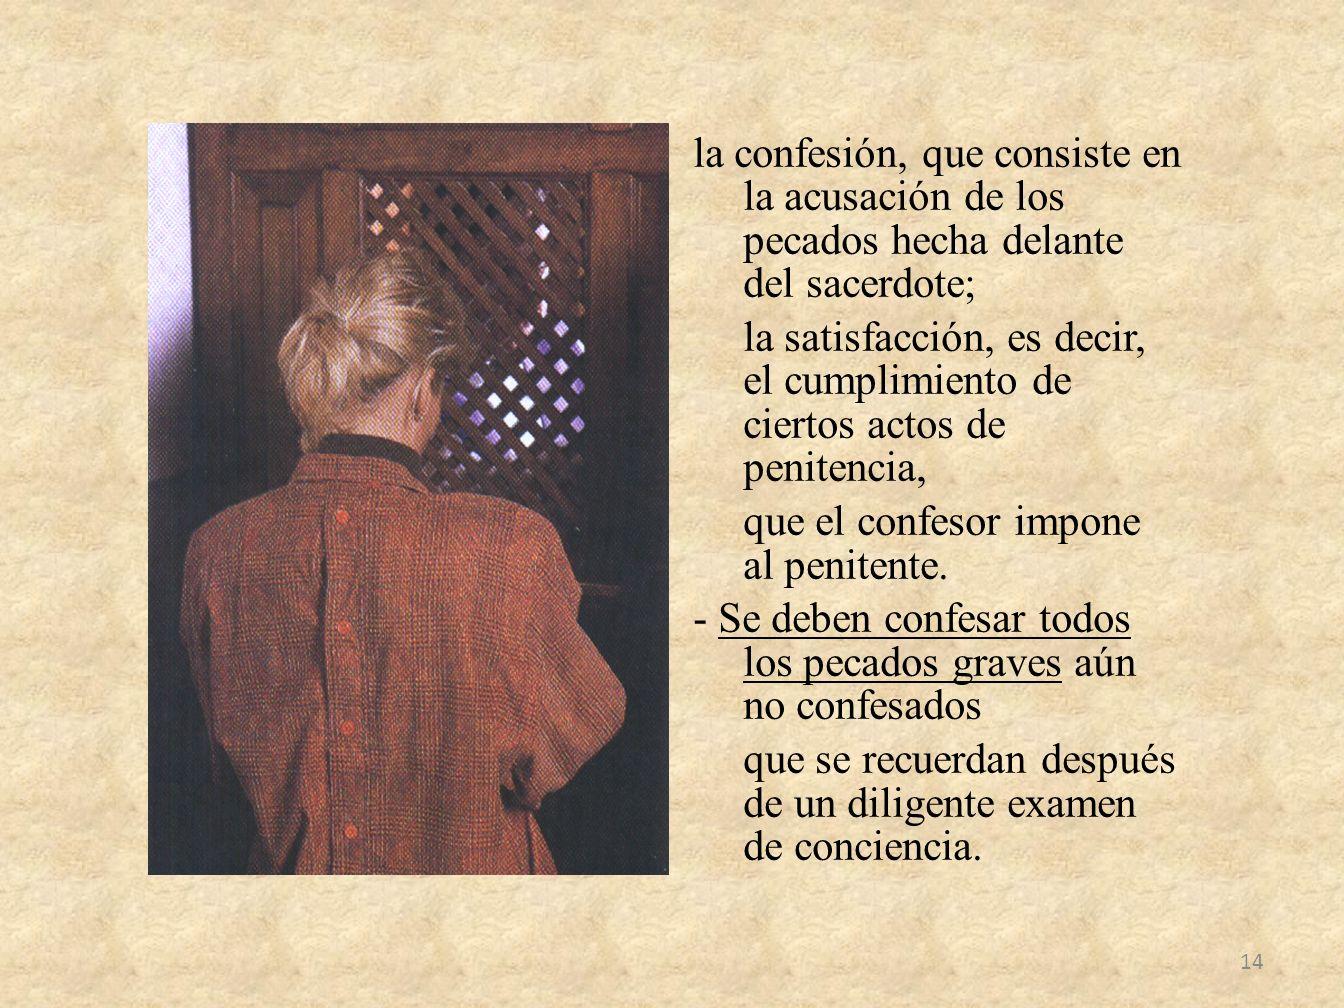 la confesión, que consiste en la acusación de los pecados hecha delante del sacerdote; la satisfacción, es decir, el cumplimiento de ciertos actos de penitencia, que el confesor impone al penitente.